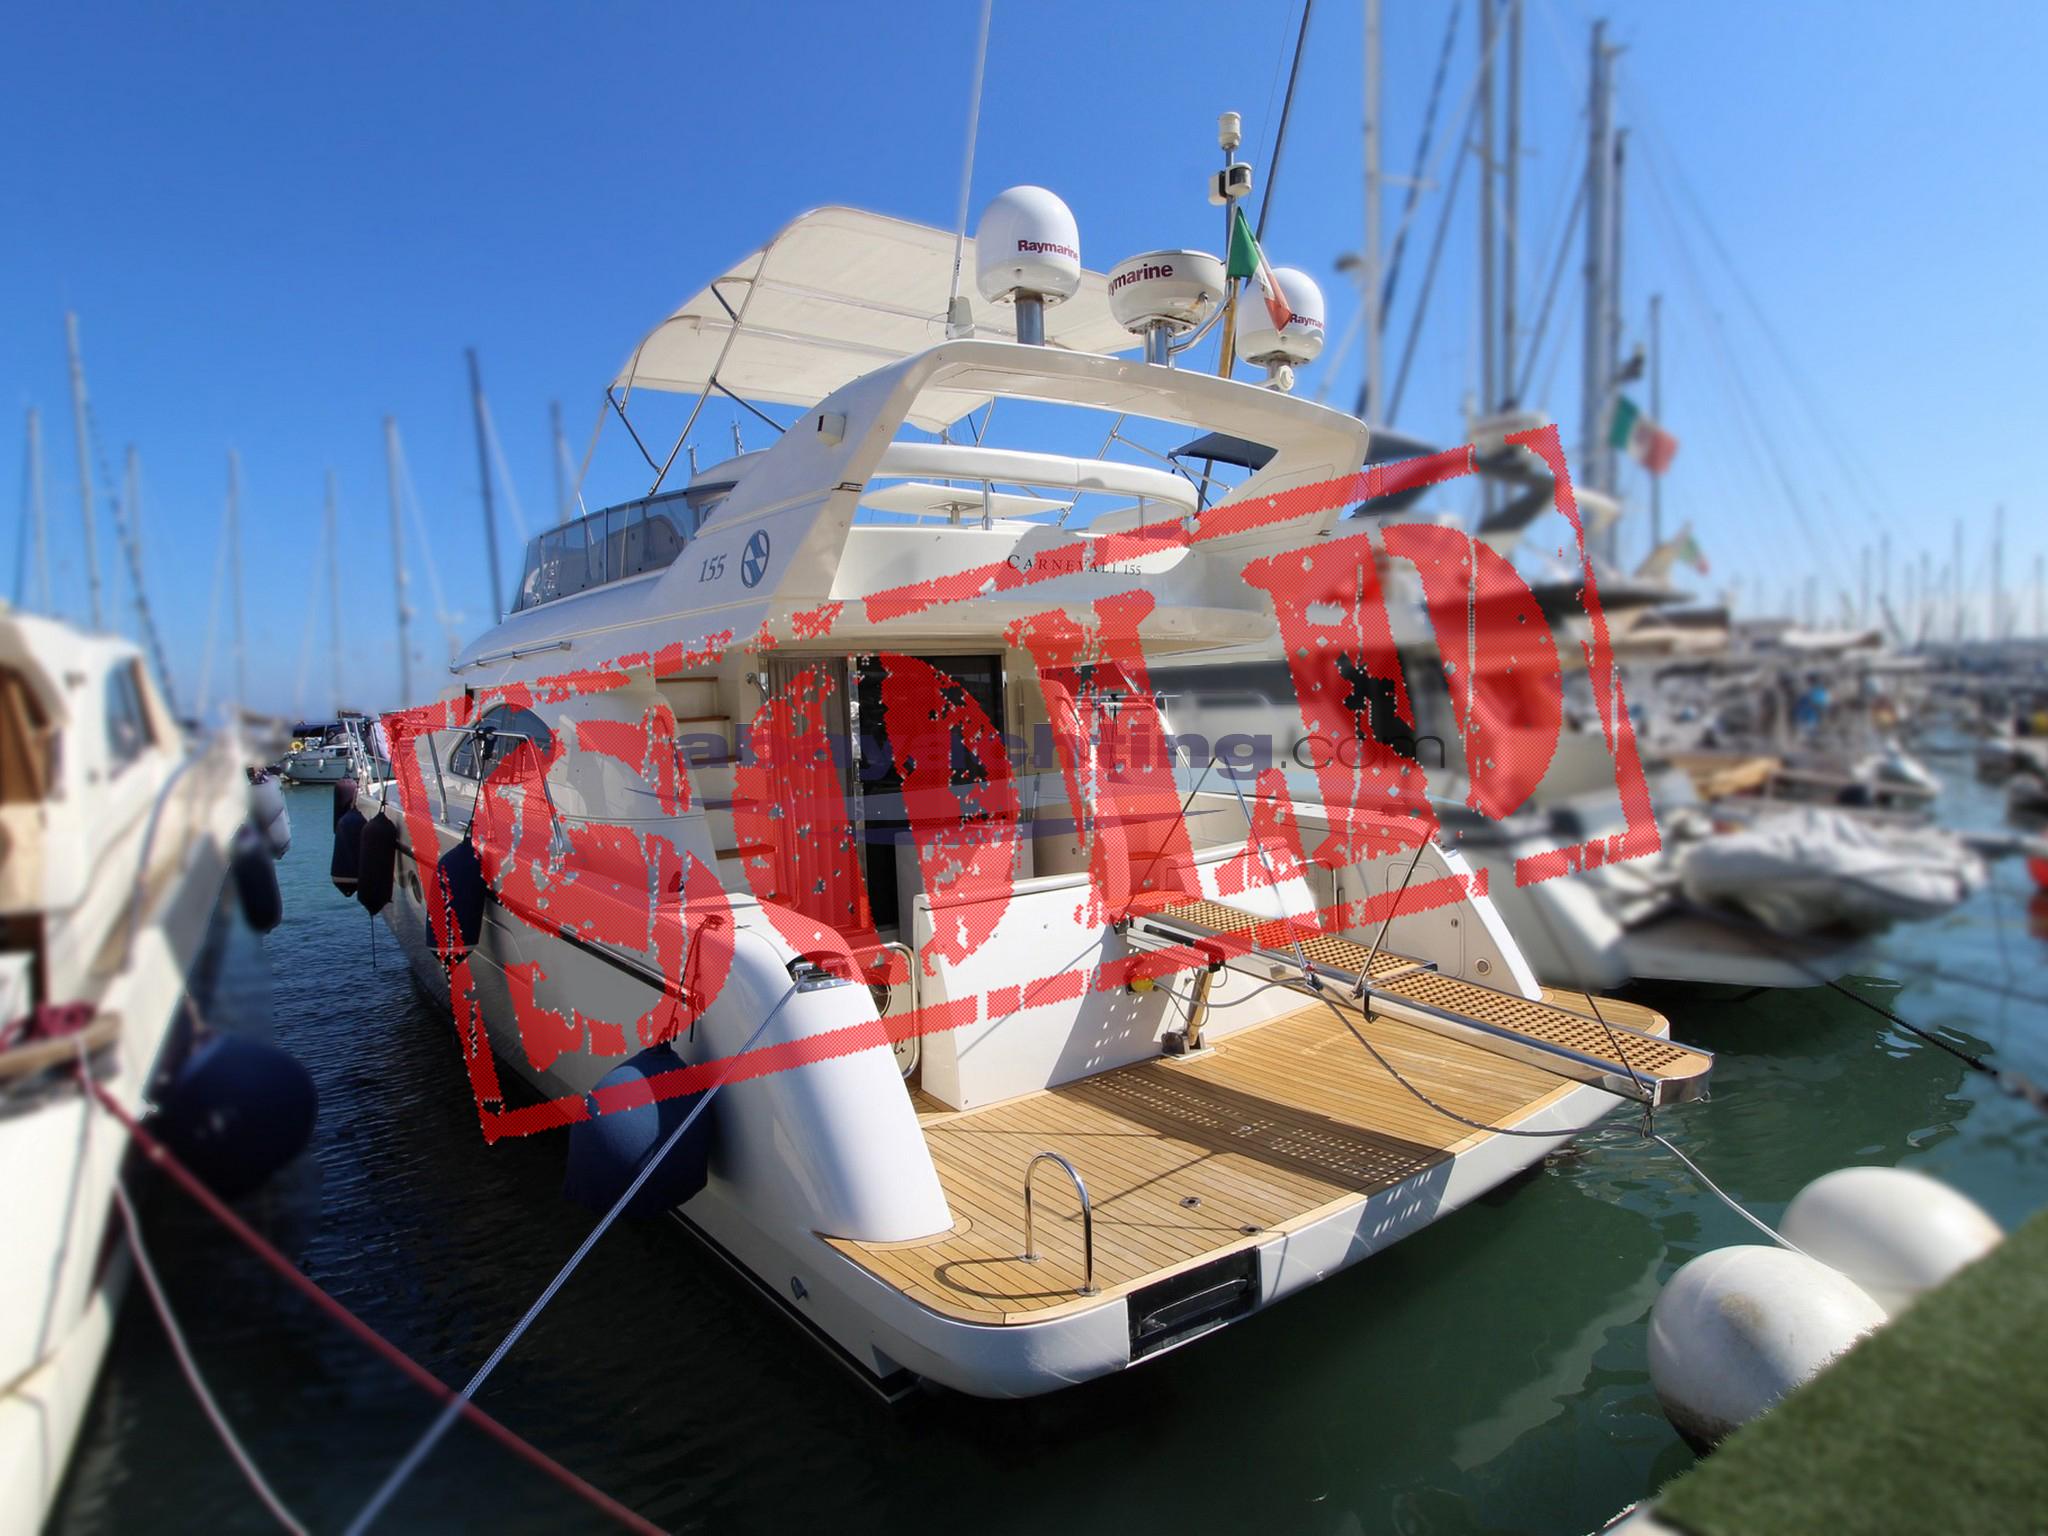 Carnevali 155 sold